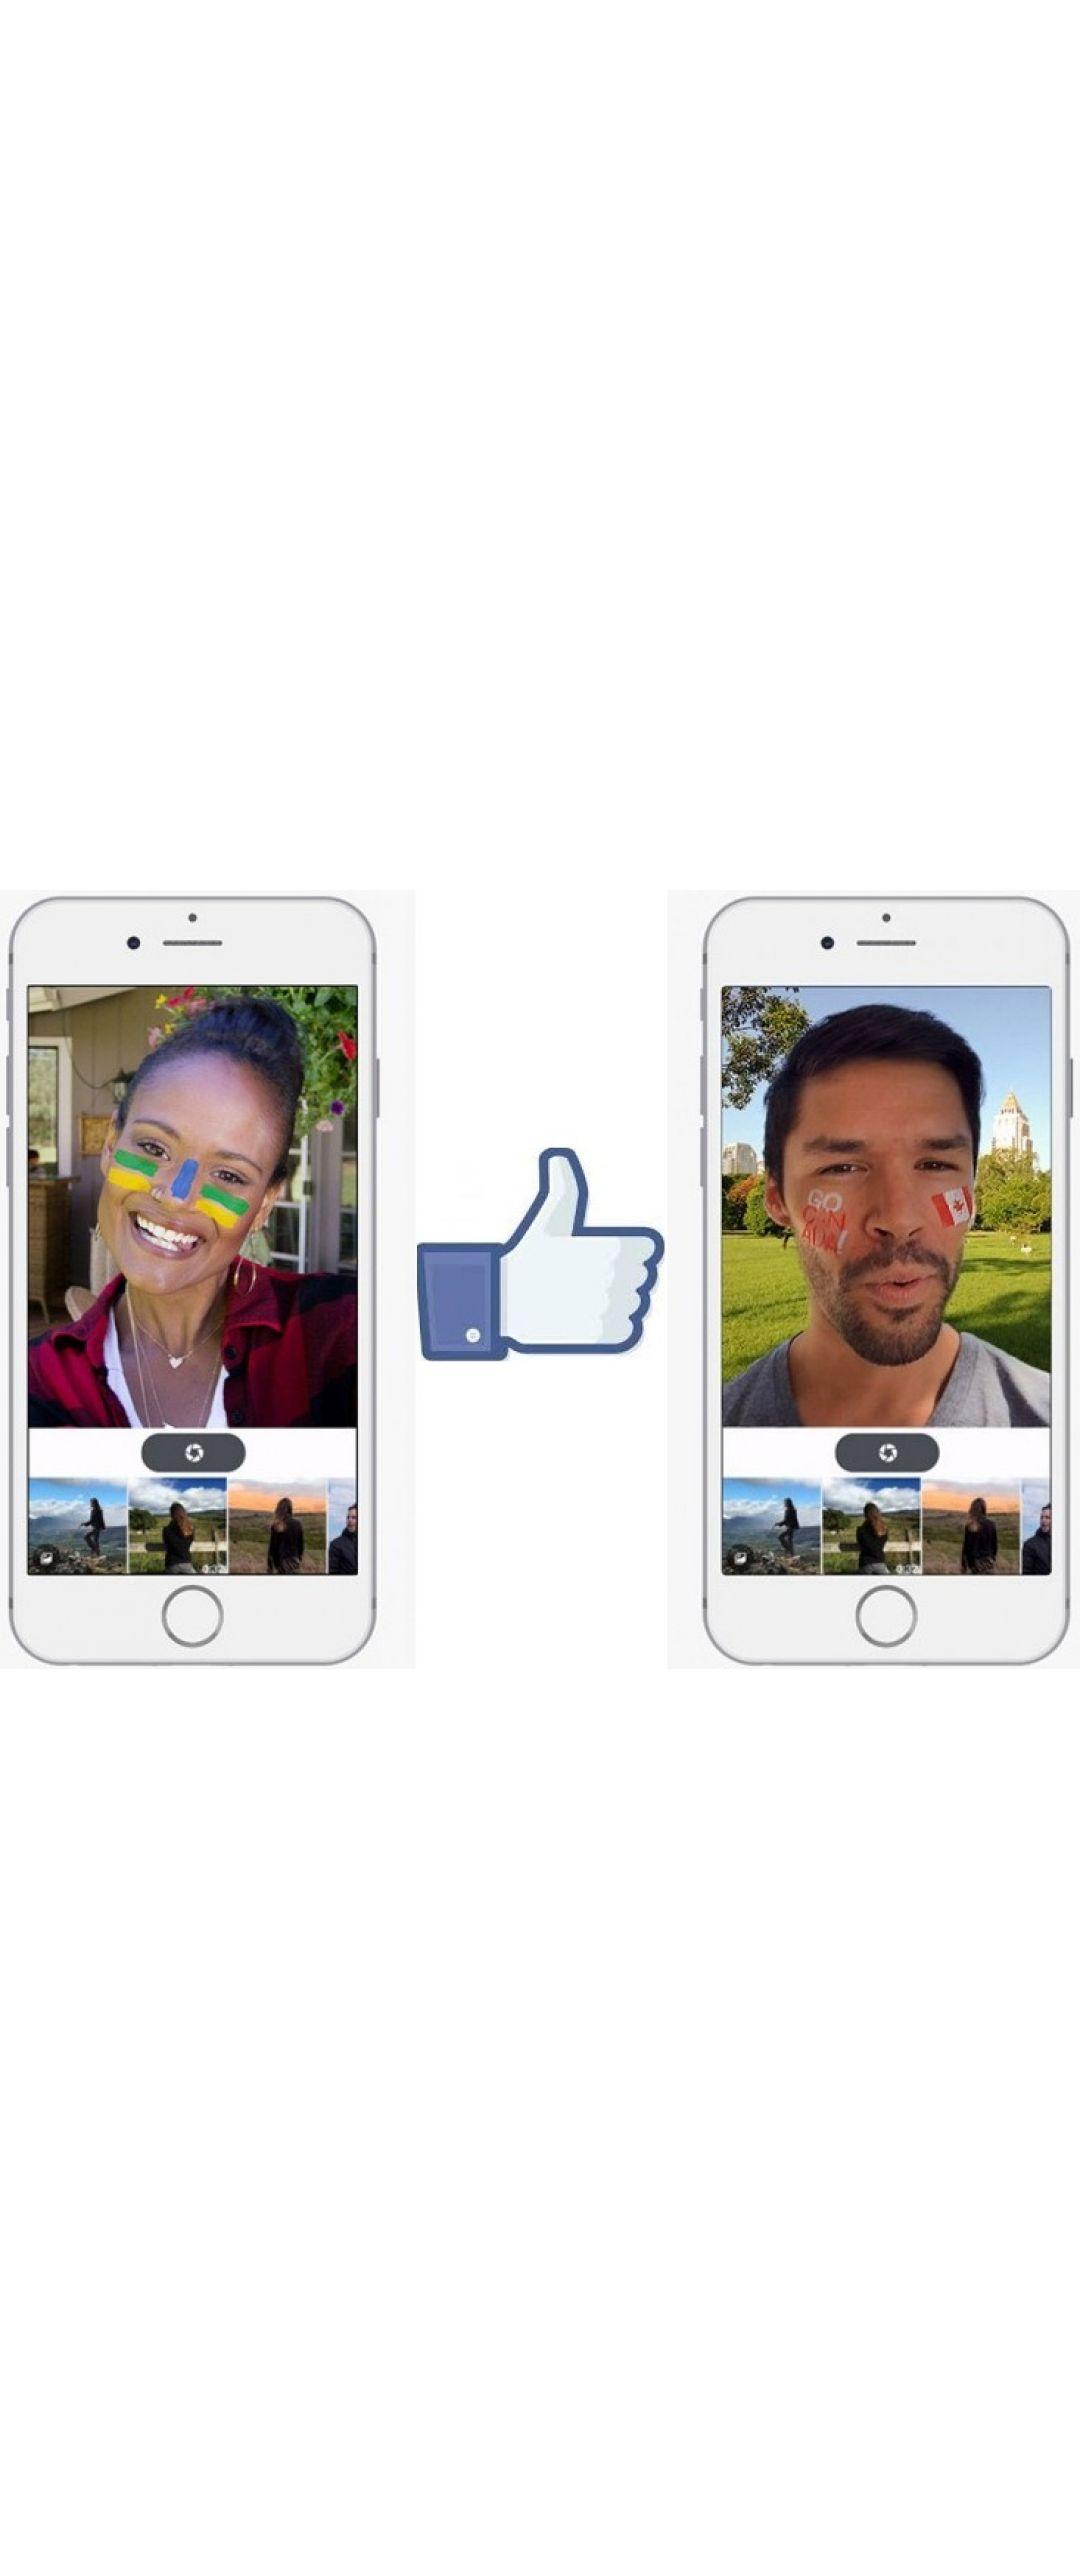 Facebook añade filtros tipo Snapchat a tus fotos y videos